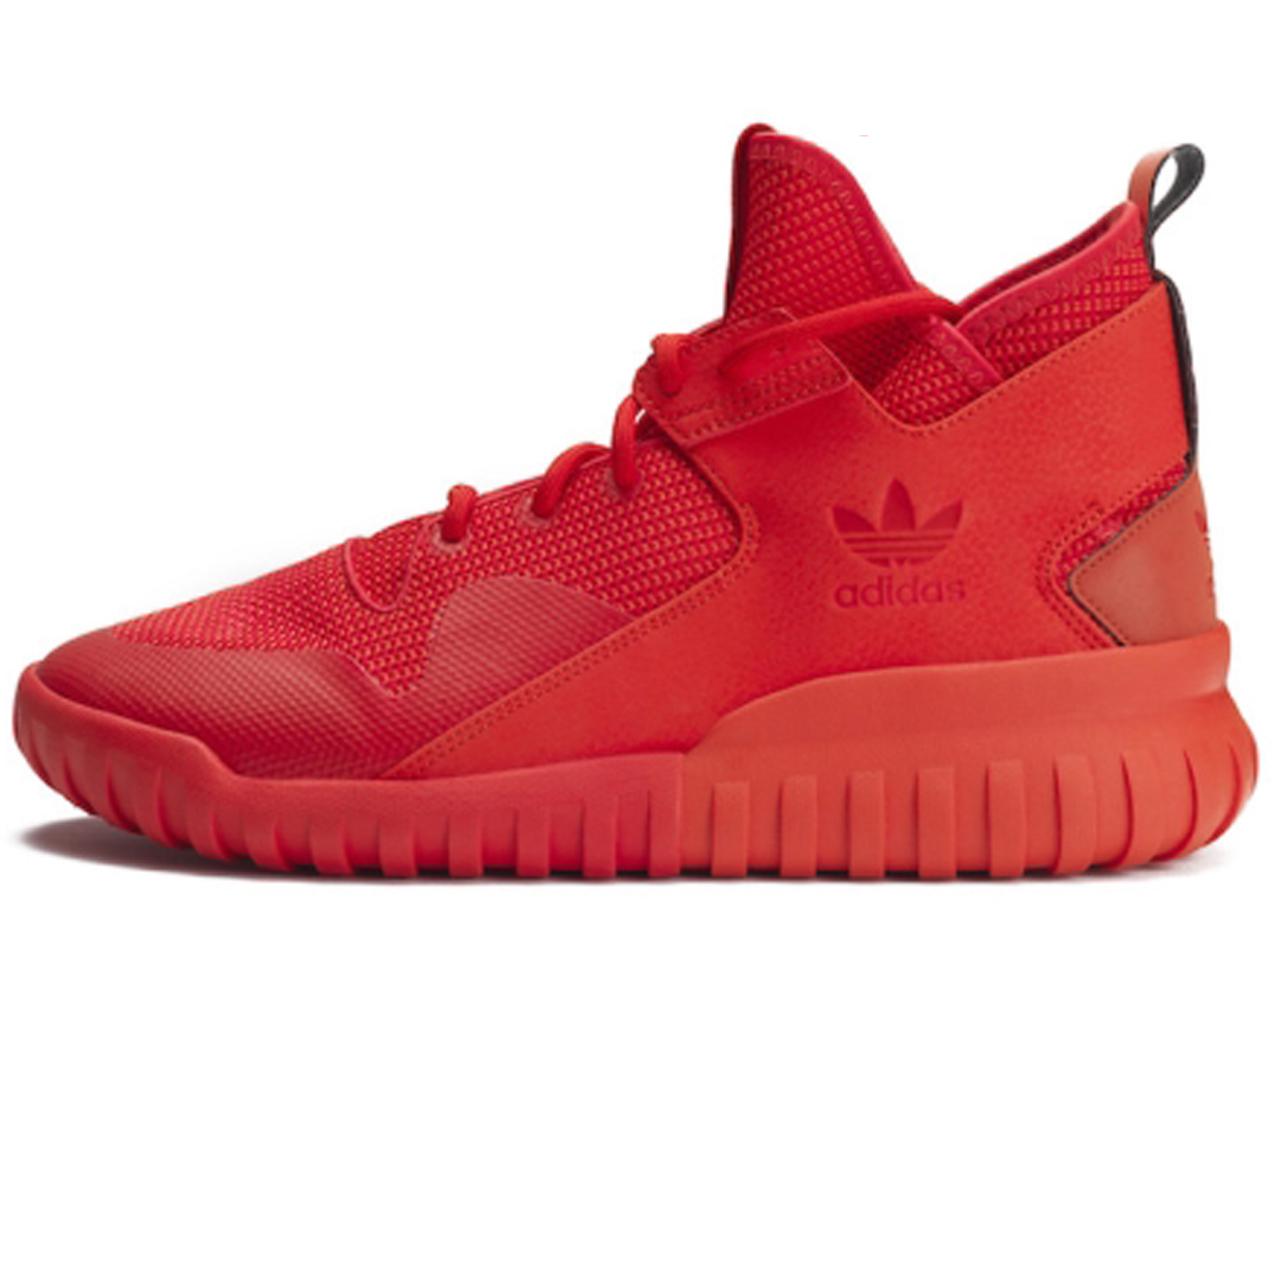 کفش ورزشی مخصوص دویدن و پیاده روی مردانه آدیداس مدل Tubular X red